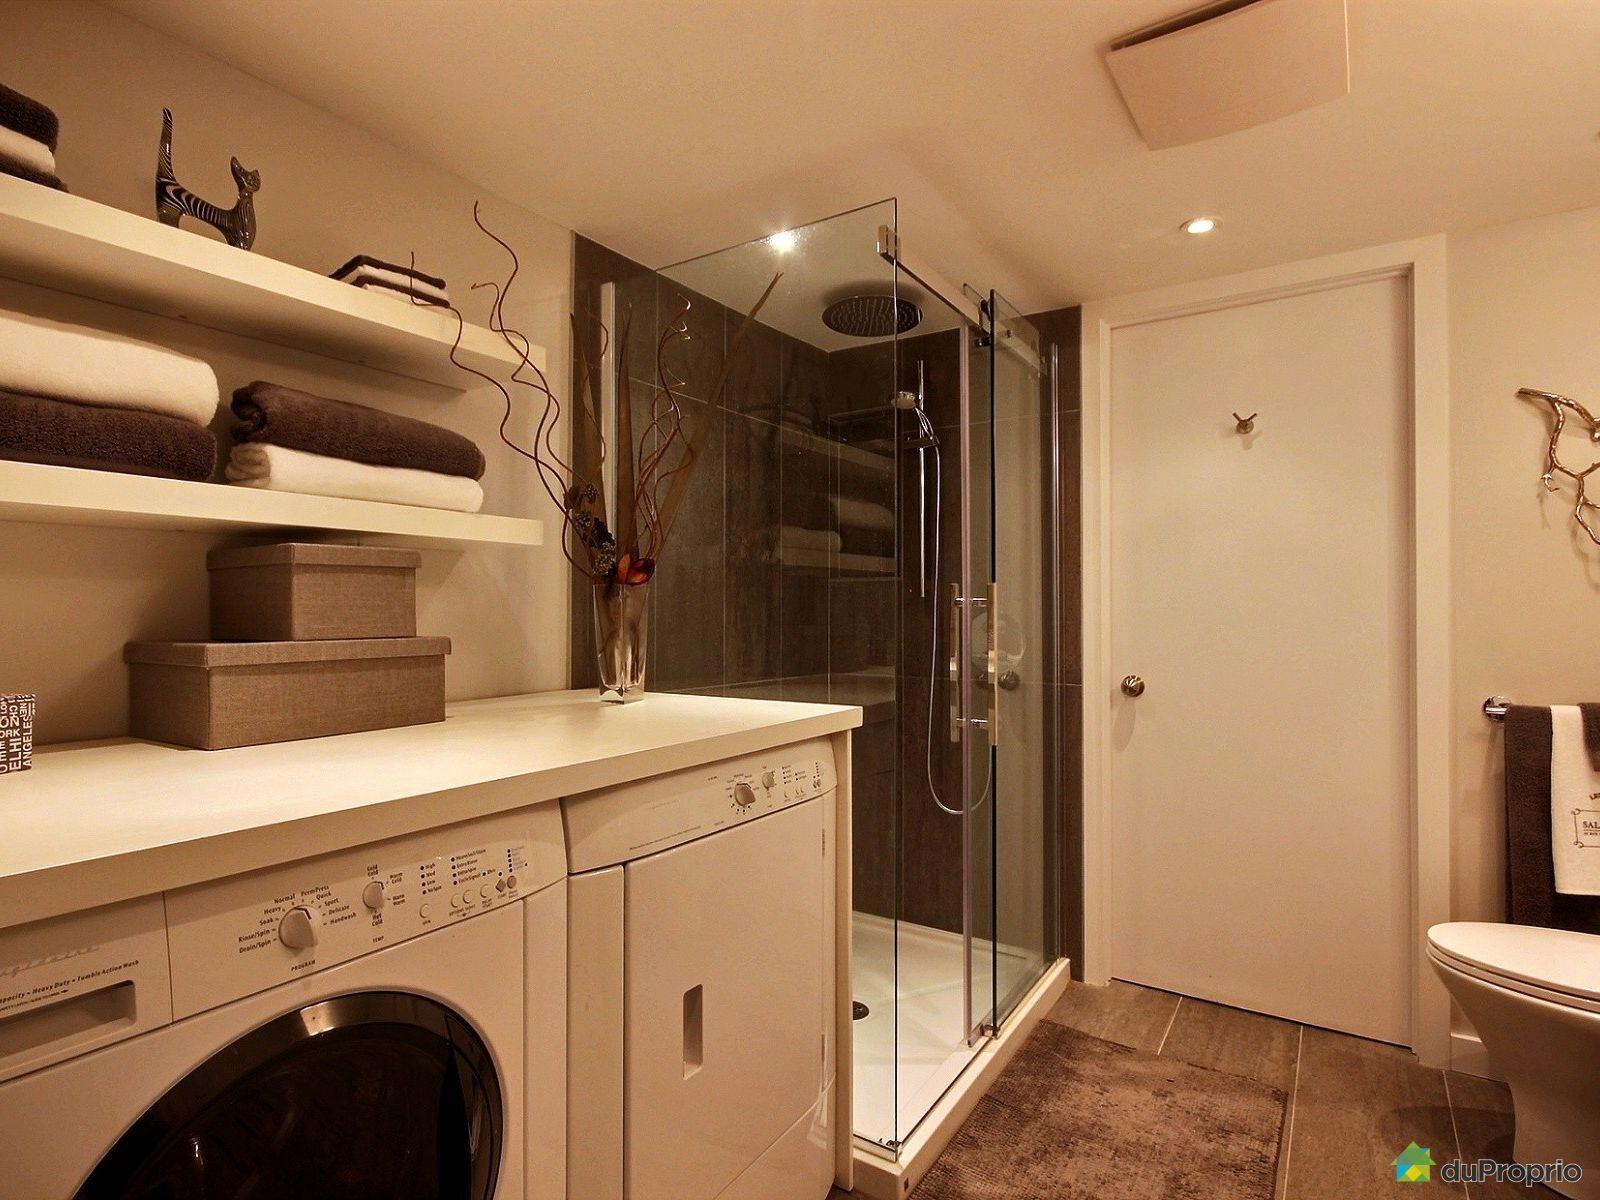 Maison vendre montr al 46 place du soleil immobilier for Accessoire salle de bain ville de quebec